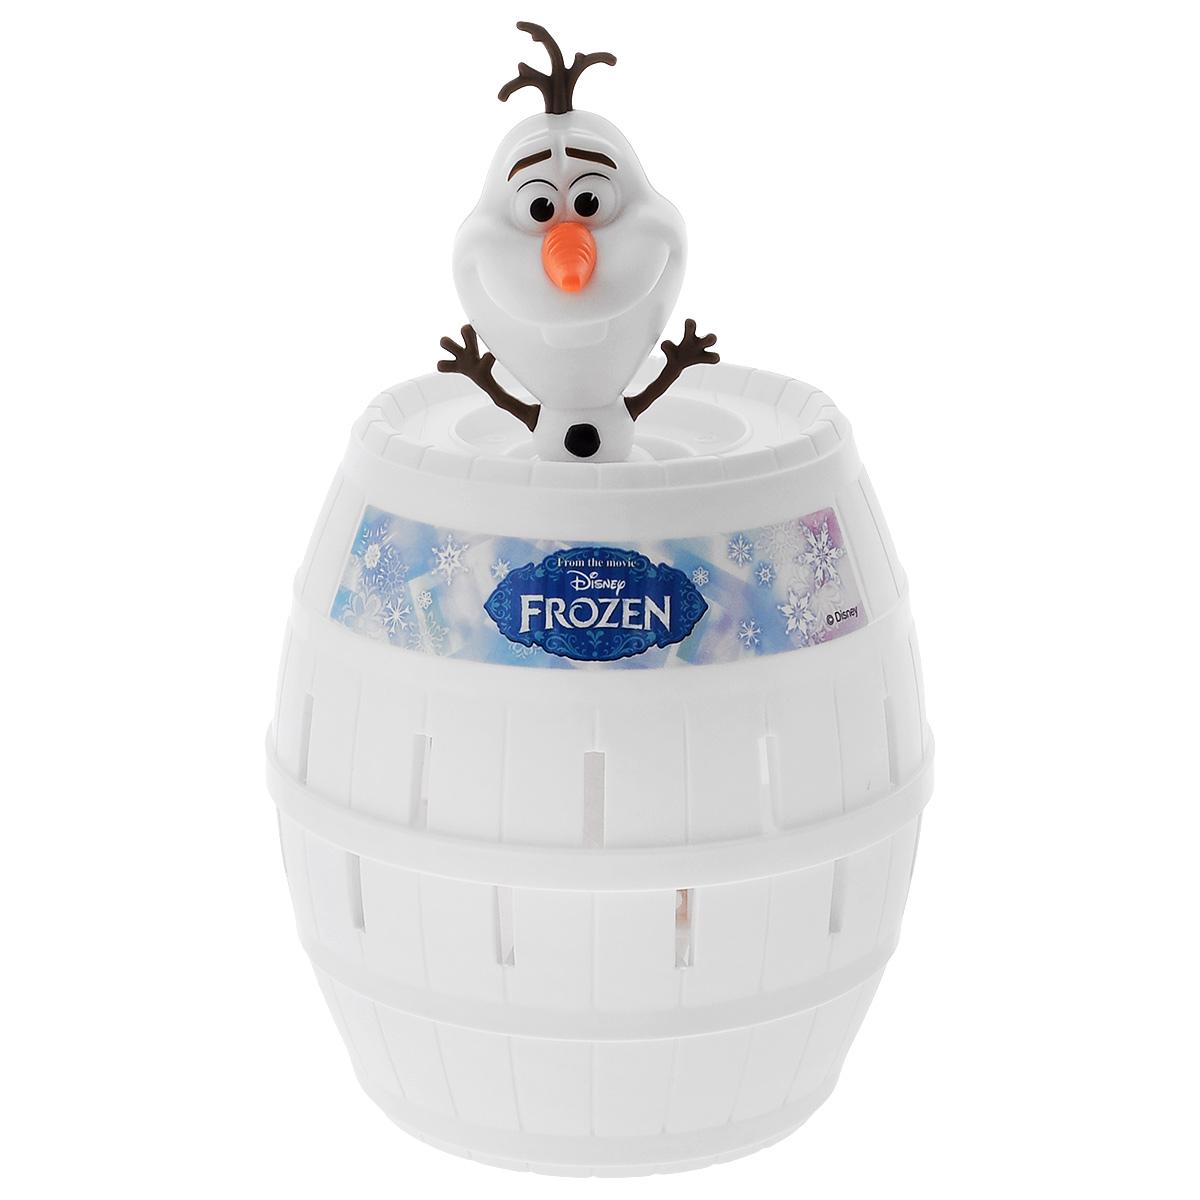 Игровой набор Disney Frozen Освободи ОлафаT72389Игровой набор Disney Frozen Освободи Олафа - это прекрасный подарок для вашего ребенка. Игрушка выполнена из качественных материалов. Набор включает в себя Олафа, бочонок, льдинки и лист с наклейками. Для игры необходимо отделить льдинки от рамки, приклеить наклейки на внешнюю и обратную сторону льдинки и посадить Олафа в бочонок. Теперь приготовьтесь к взрыву смеха и веселья с этой увлекательной игрой, которая заставит игроков затаить дыхание в ожидании развязки - чья льдинка освободит Олафа из бочонка. Ваш ребенок часами будет играть с этим набором, придумывая различные истории. Порадуйте его таким замечательным подарком! Количество игроков: от 2 до 4.